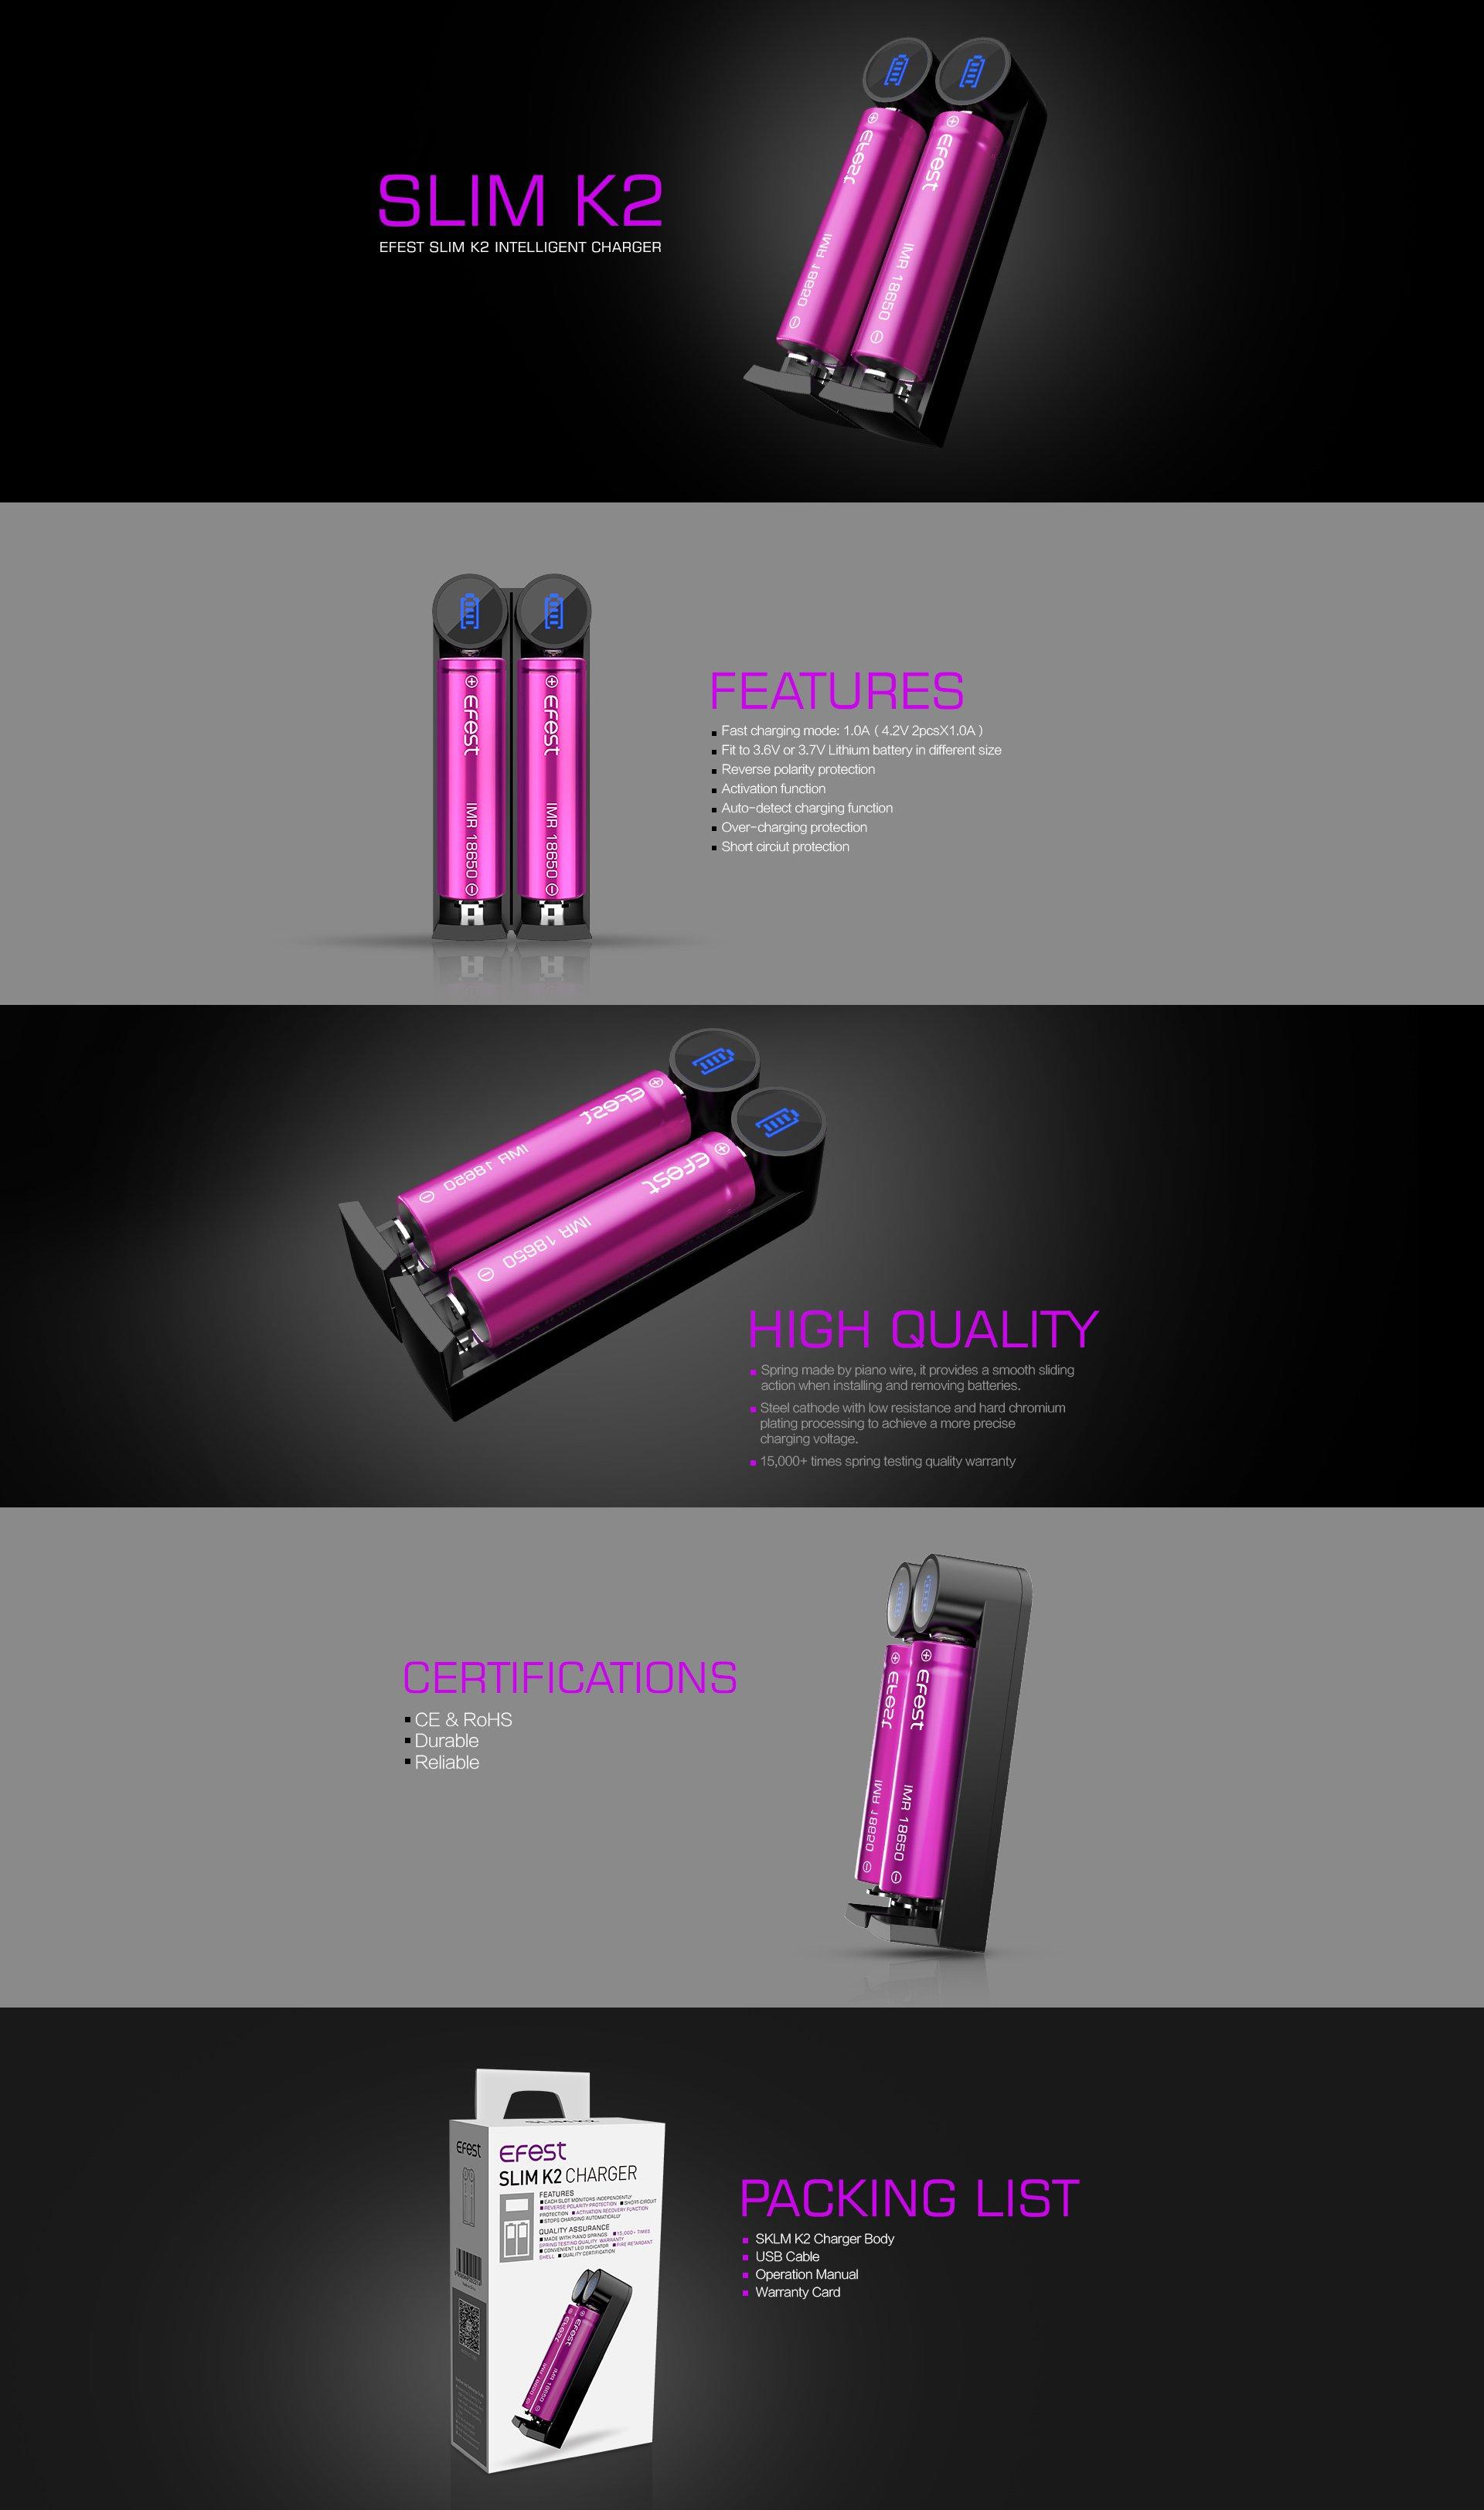 Efest-Slim-K2-Caricabatterie